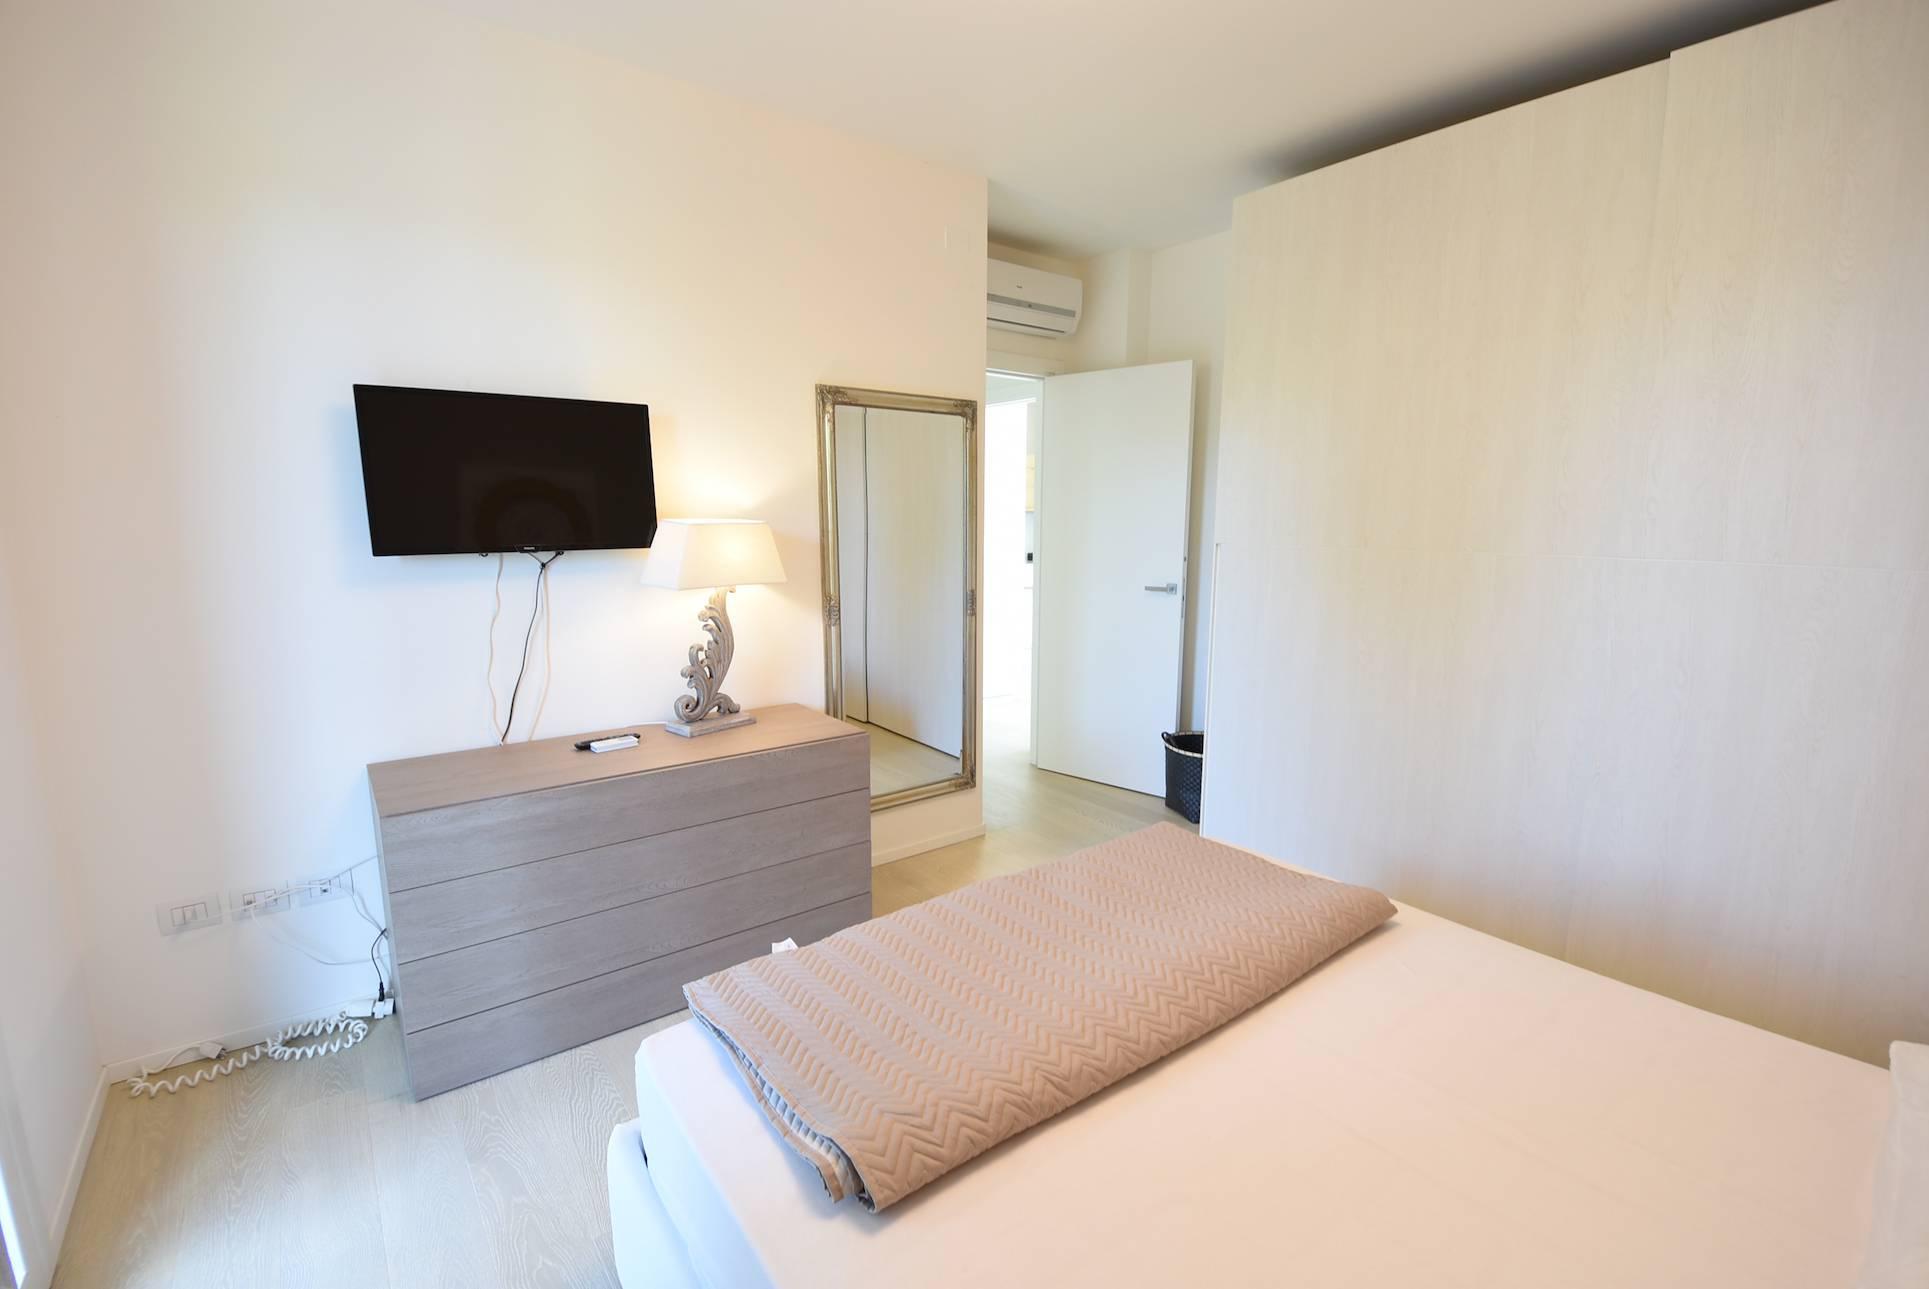 camera-letto-casa-vacanza-jesolo-1685909940